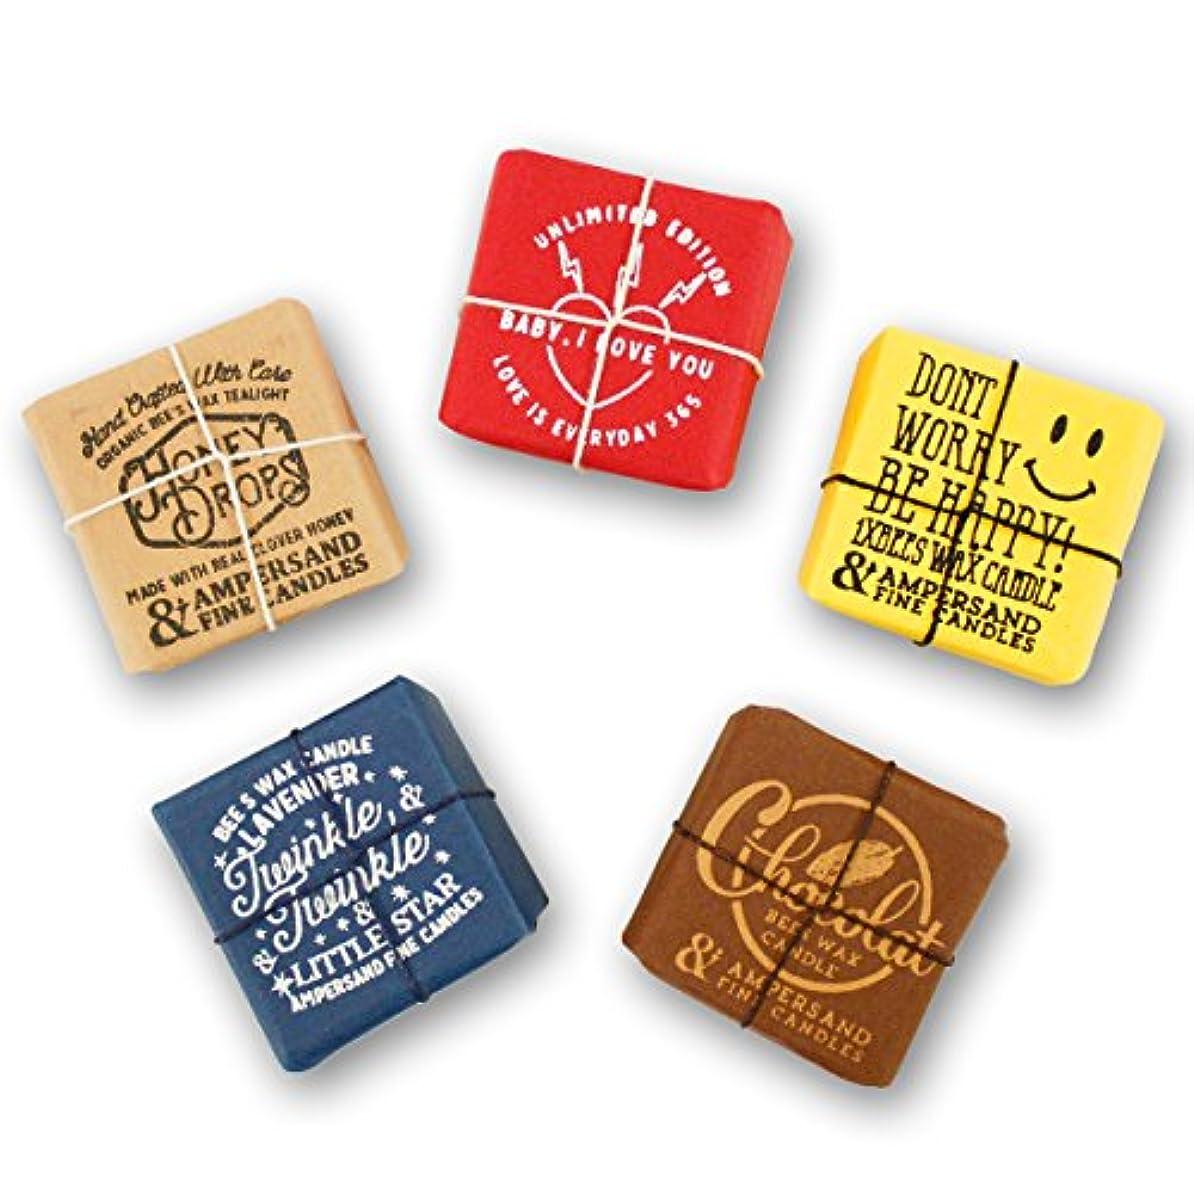 慣れる一回哲学博士Ampersand Fine Candles(アンパサンド ファイン キャンドル)キャンドル ルームフレグランス ASingle Bees [ 5type ] アロマ ギフト オーガニック OS,Chocolate